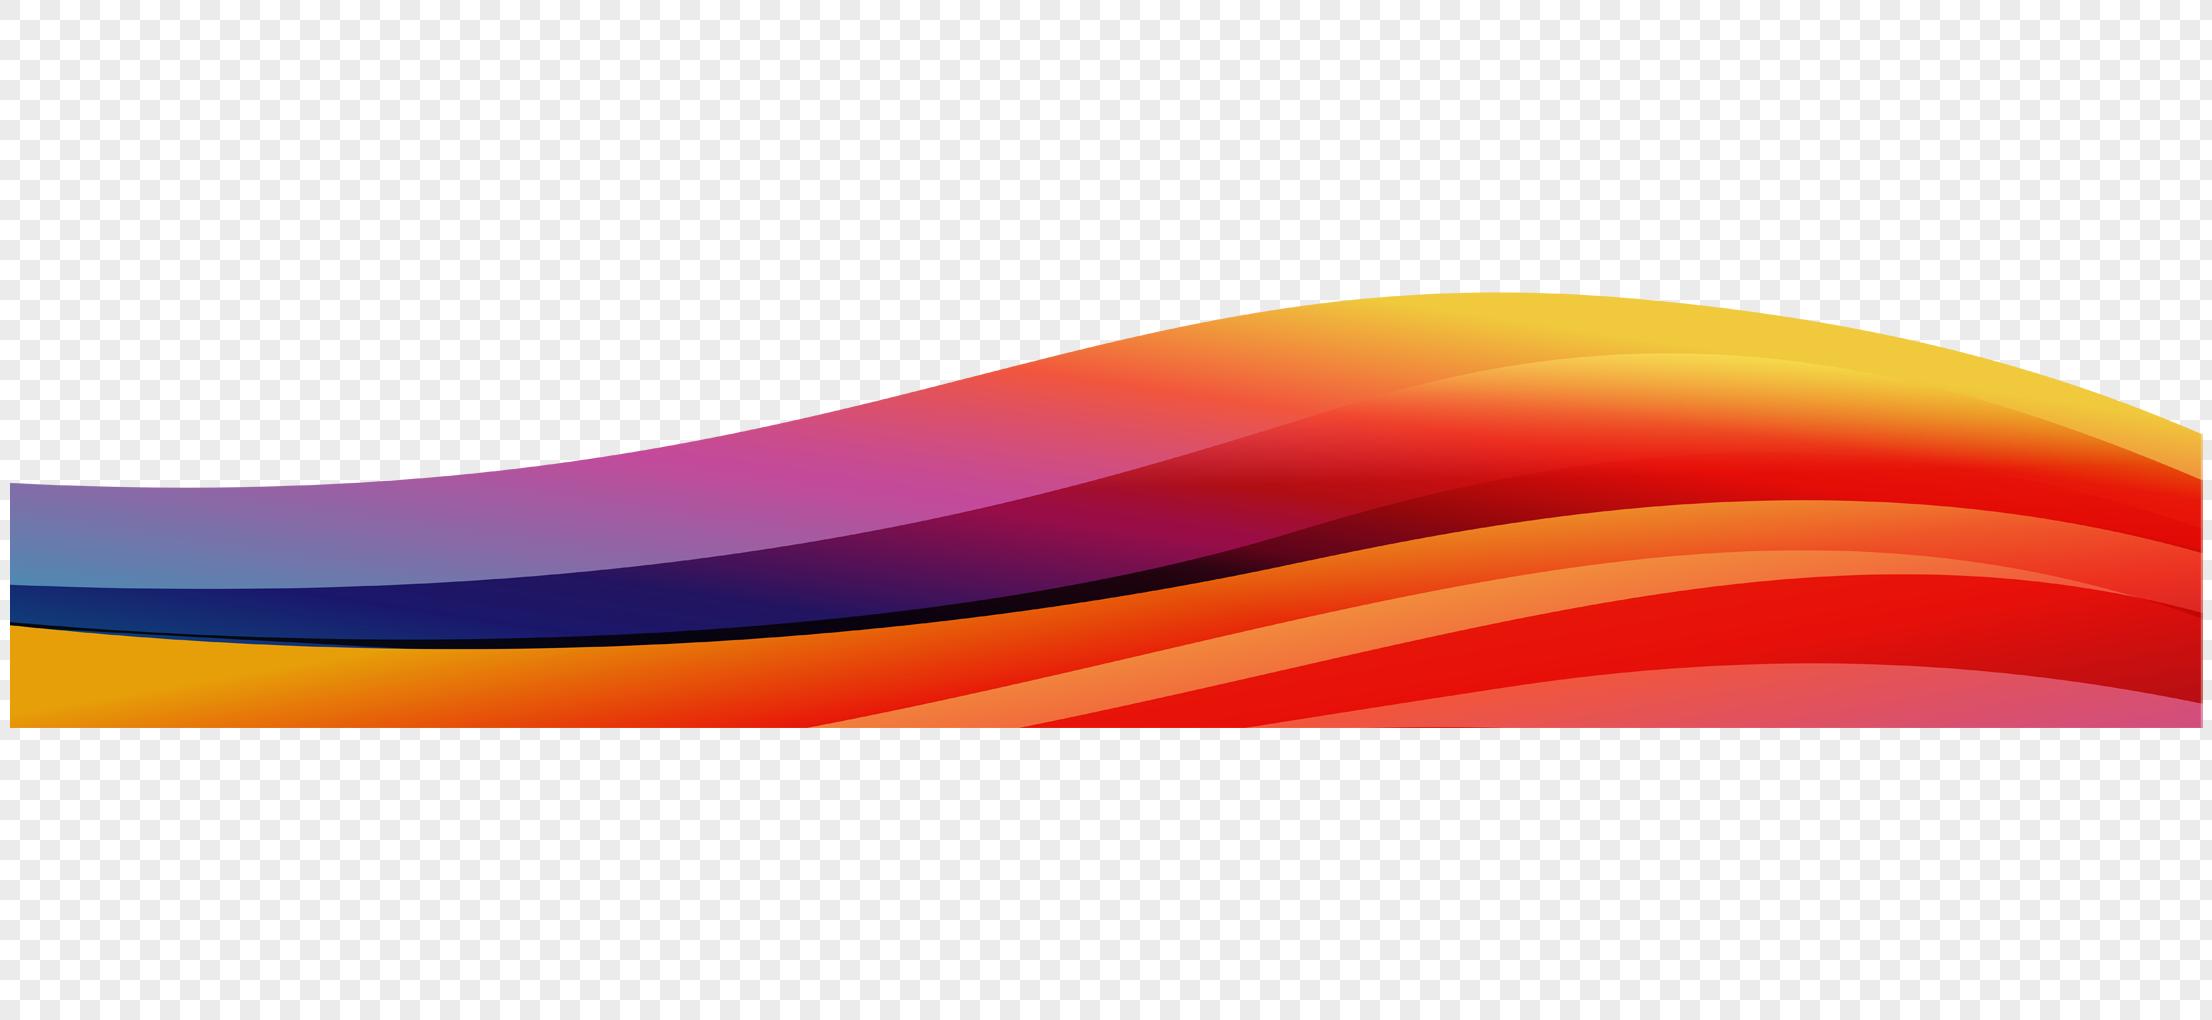 Color lines download | bestoldgames. Net.